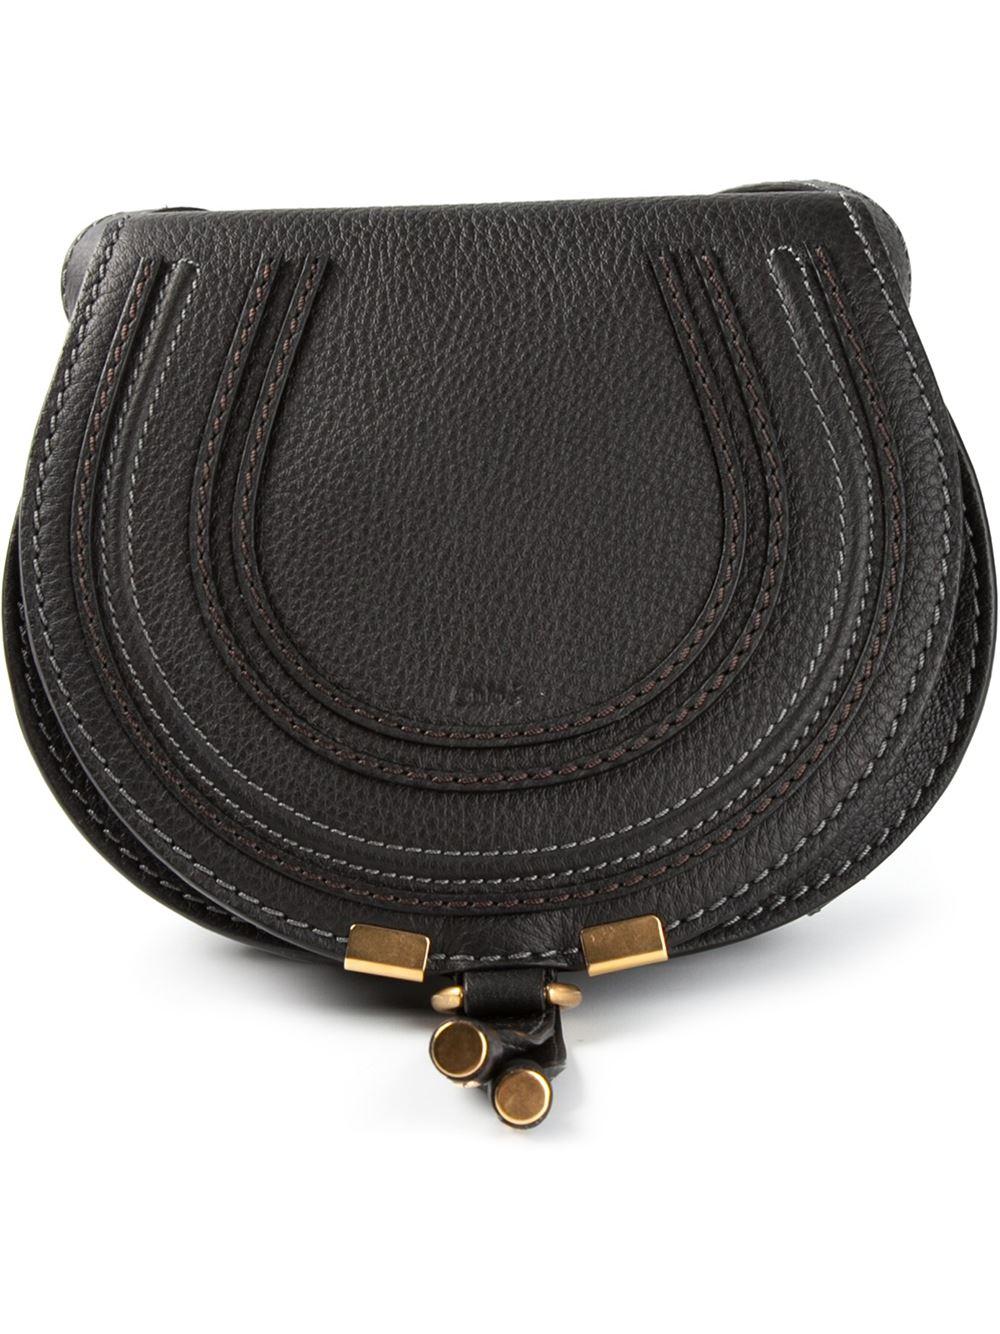 red chloe bags - Chlo�� Mini 'marcie' Shoulder Bag in Black   Lyst